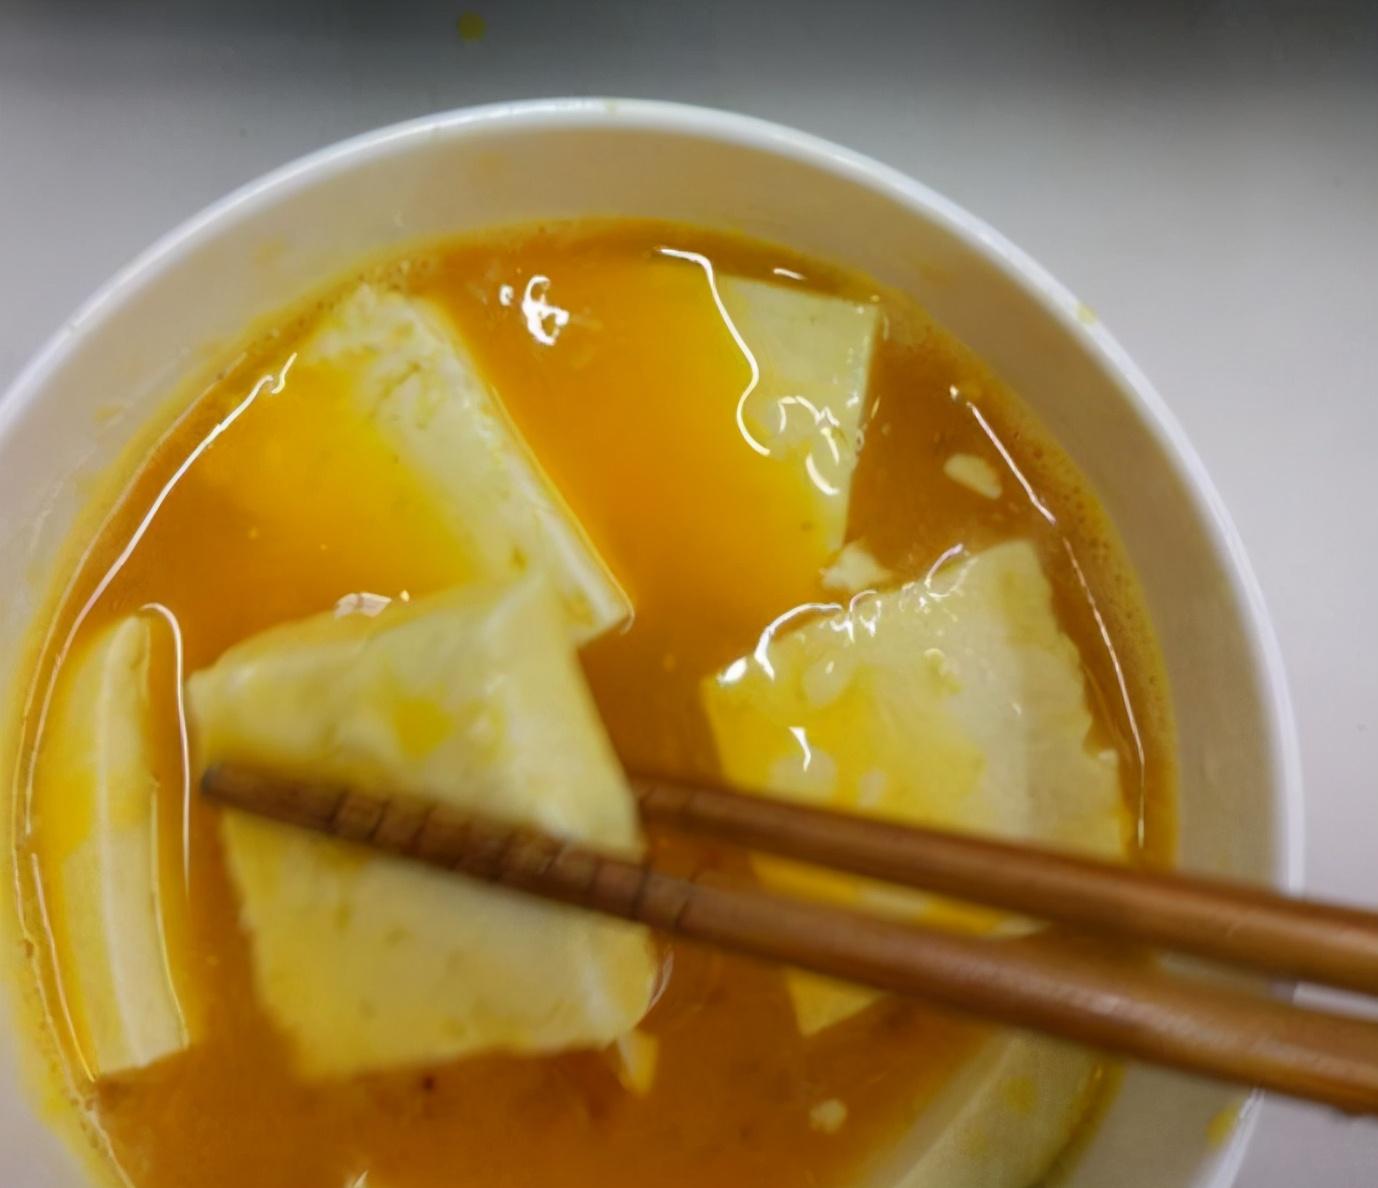 煎豆腐时,直接下锅煎就错了!学会3技巧,不粘锅不掉皮,也不碎